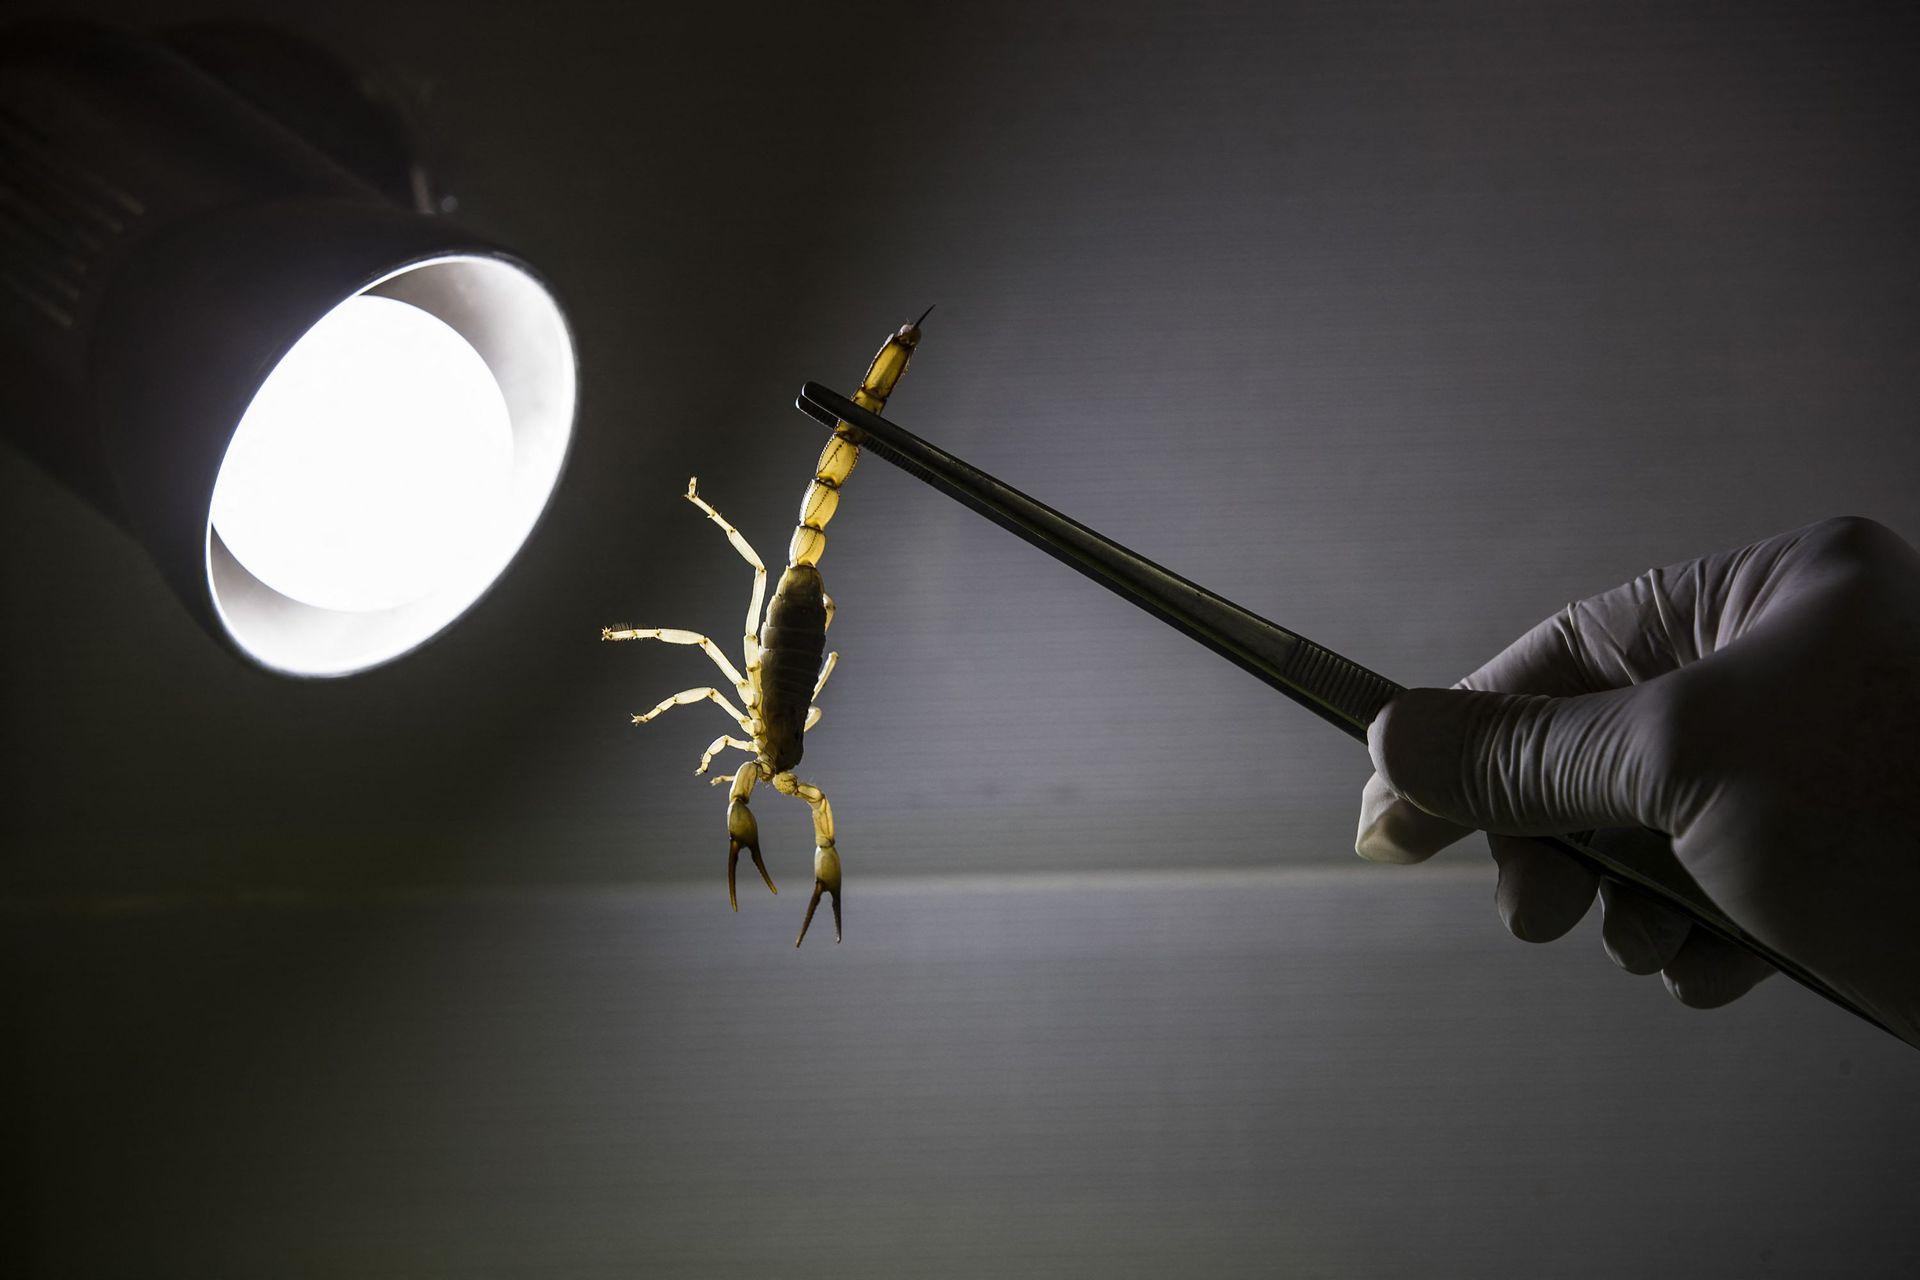 Le venin de scorpion, cette puissante toxine au potentiel prometteur pour la recherche